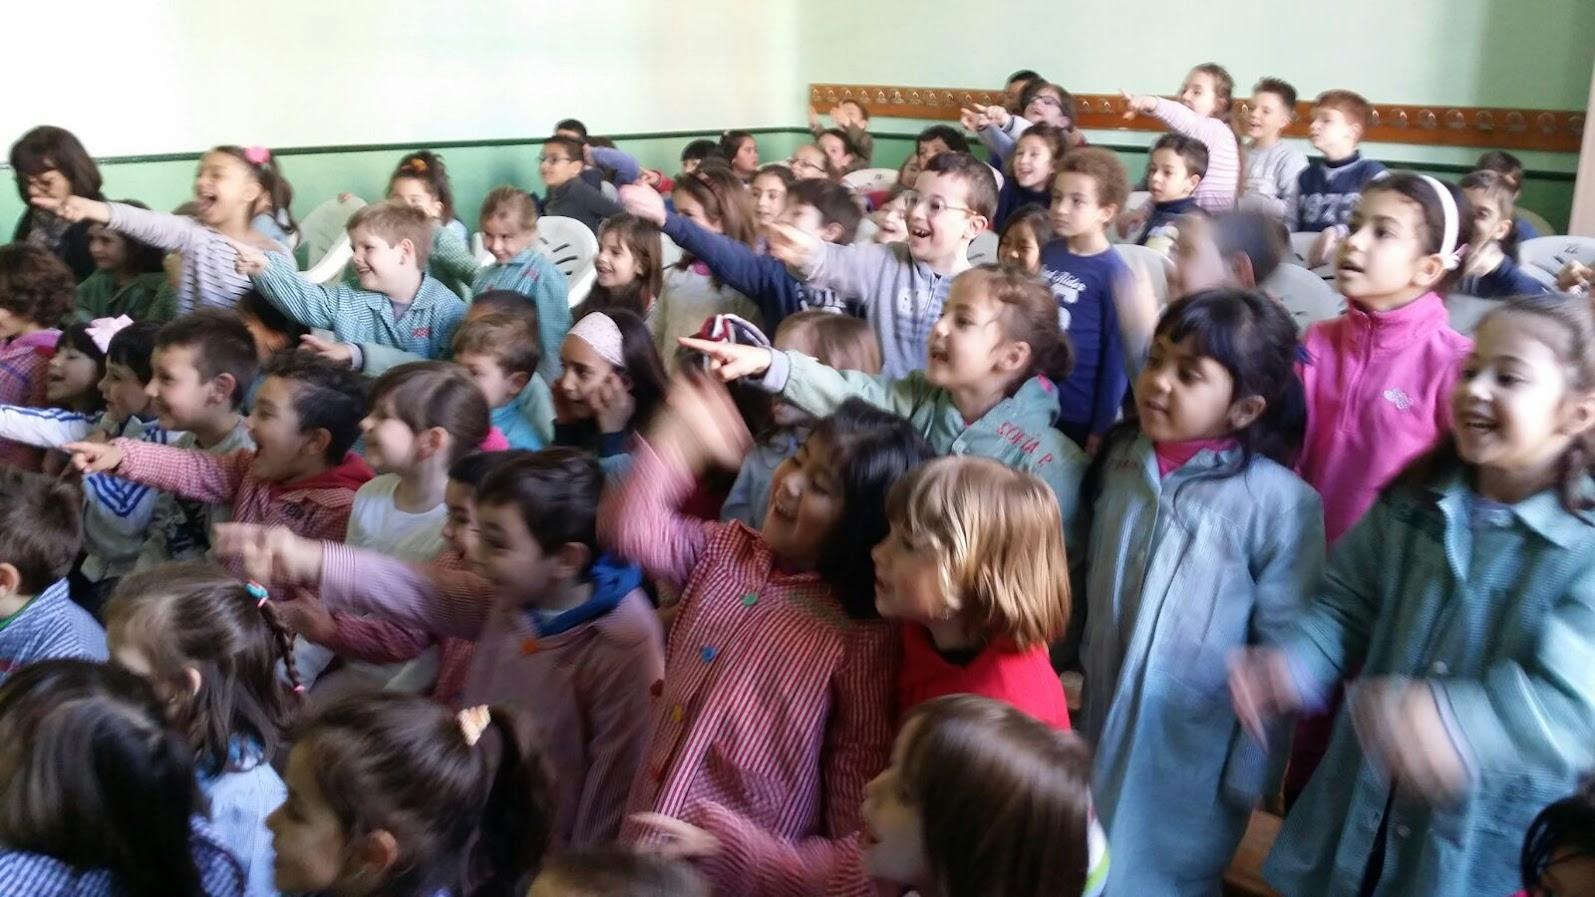 niños divirtiéndose en espectáculo de mago madrid